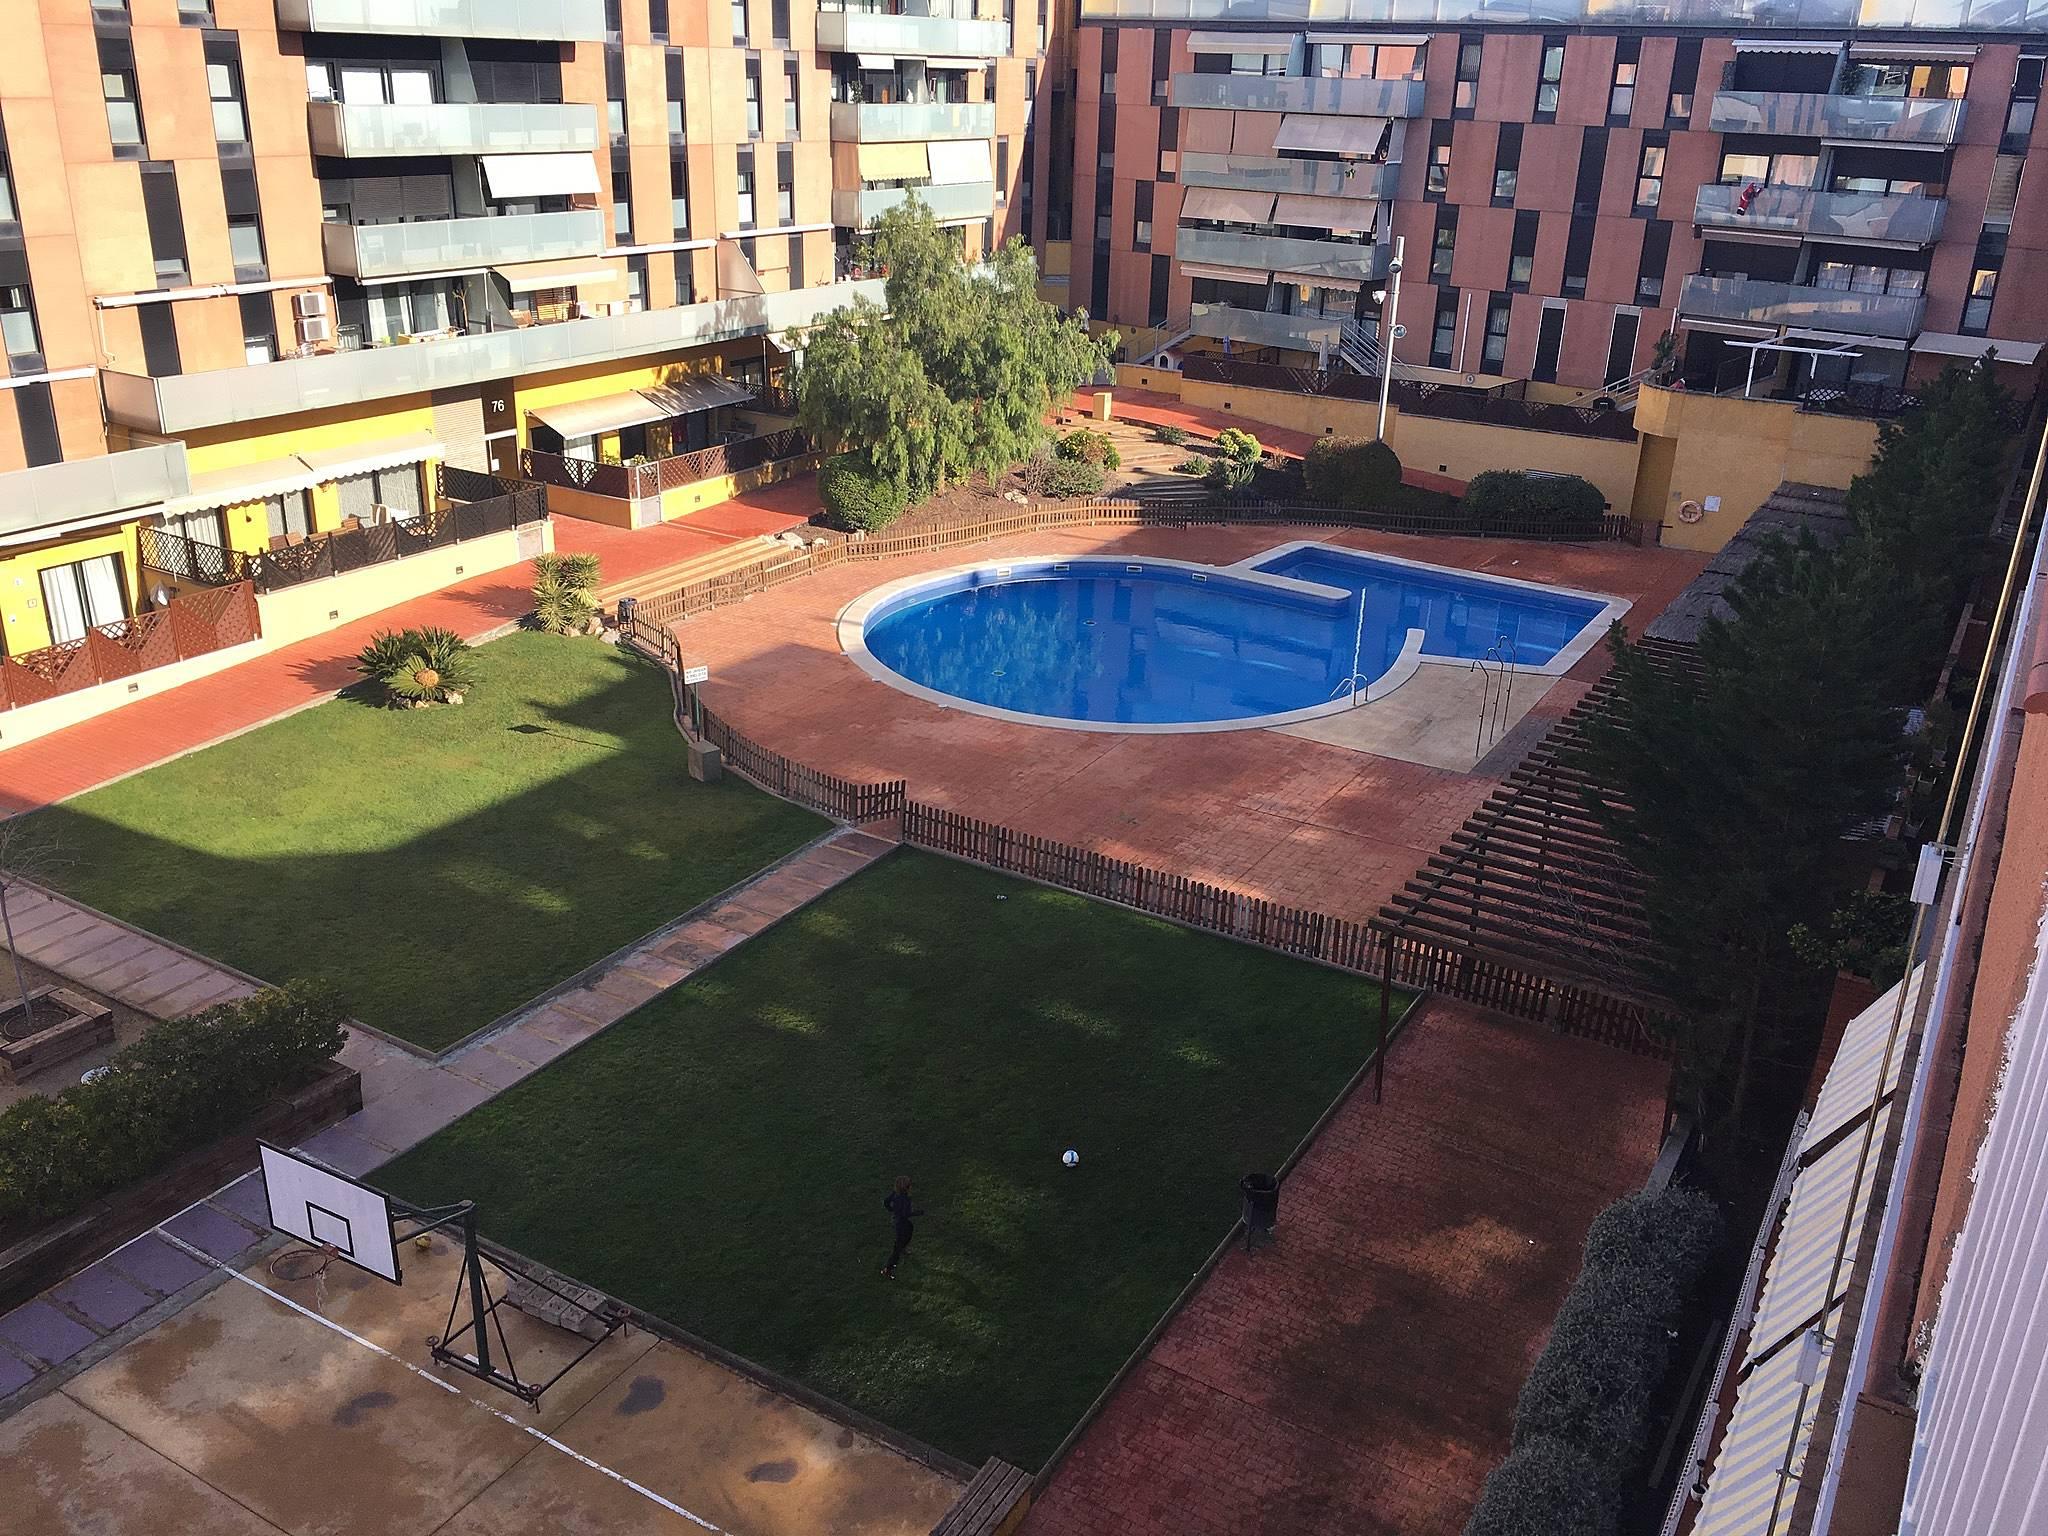 Alquiler apartamentos vacacionales en terrassa barcelona y casas rurales - Alquiler casas rurales barcelona ...